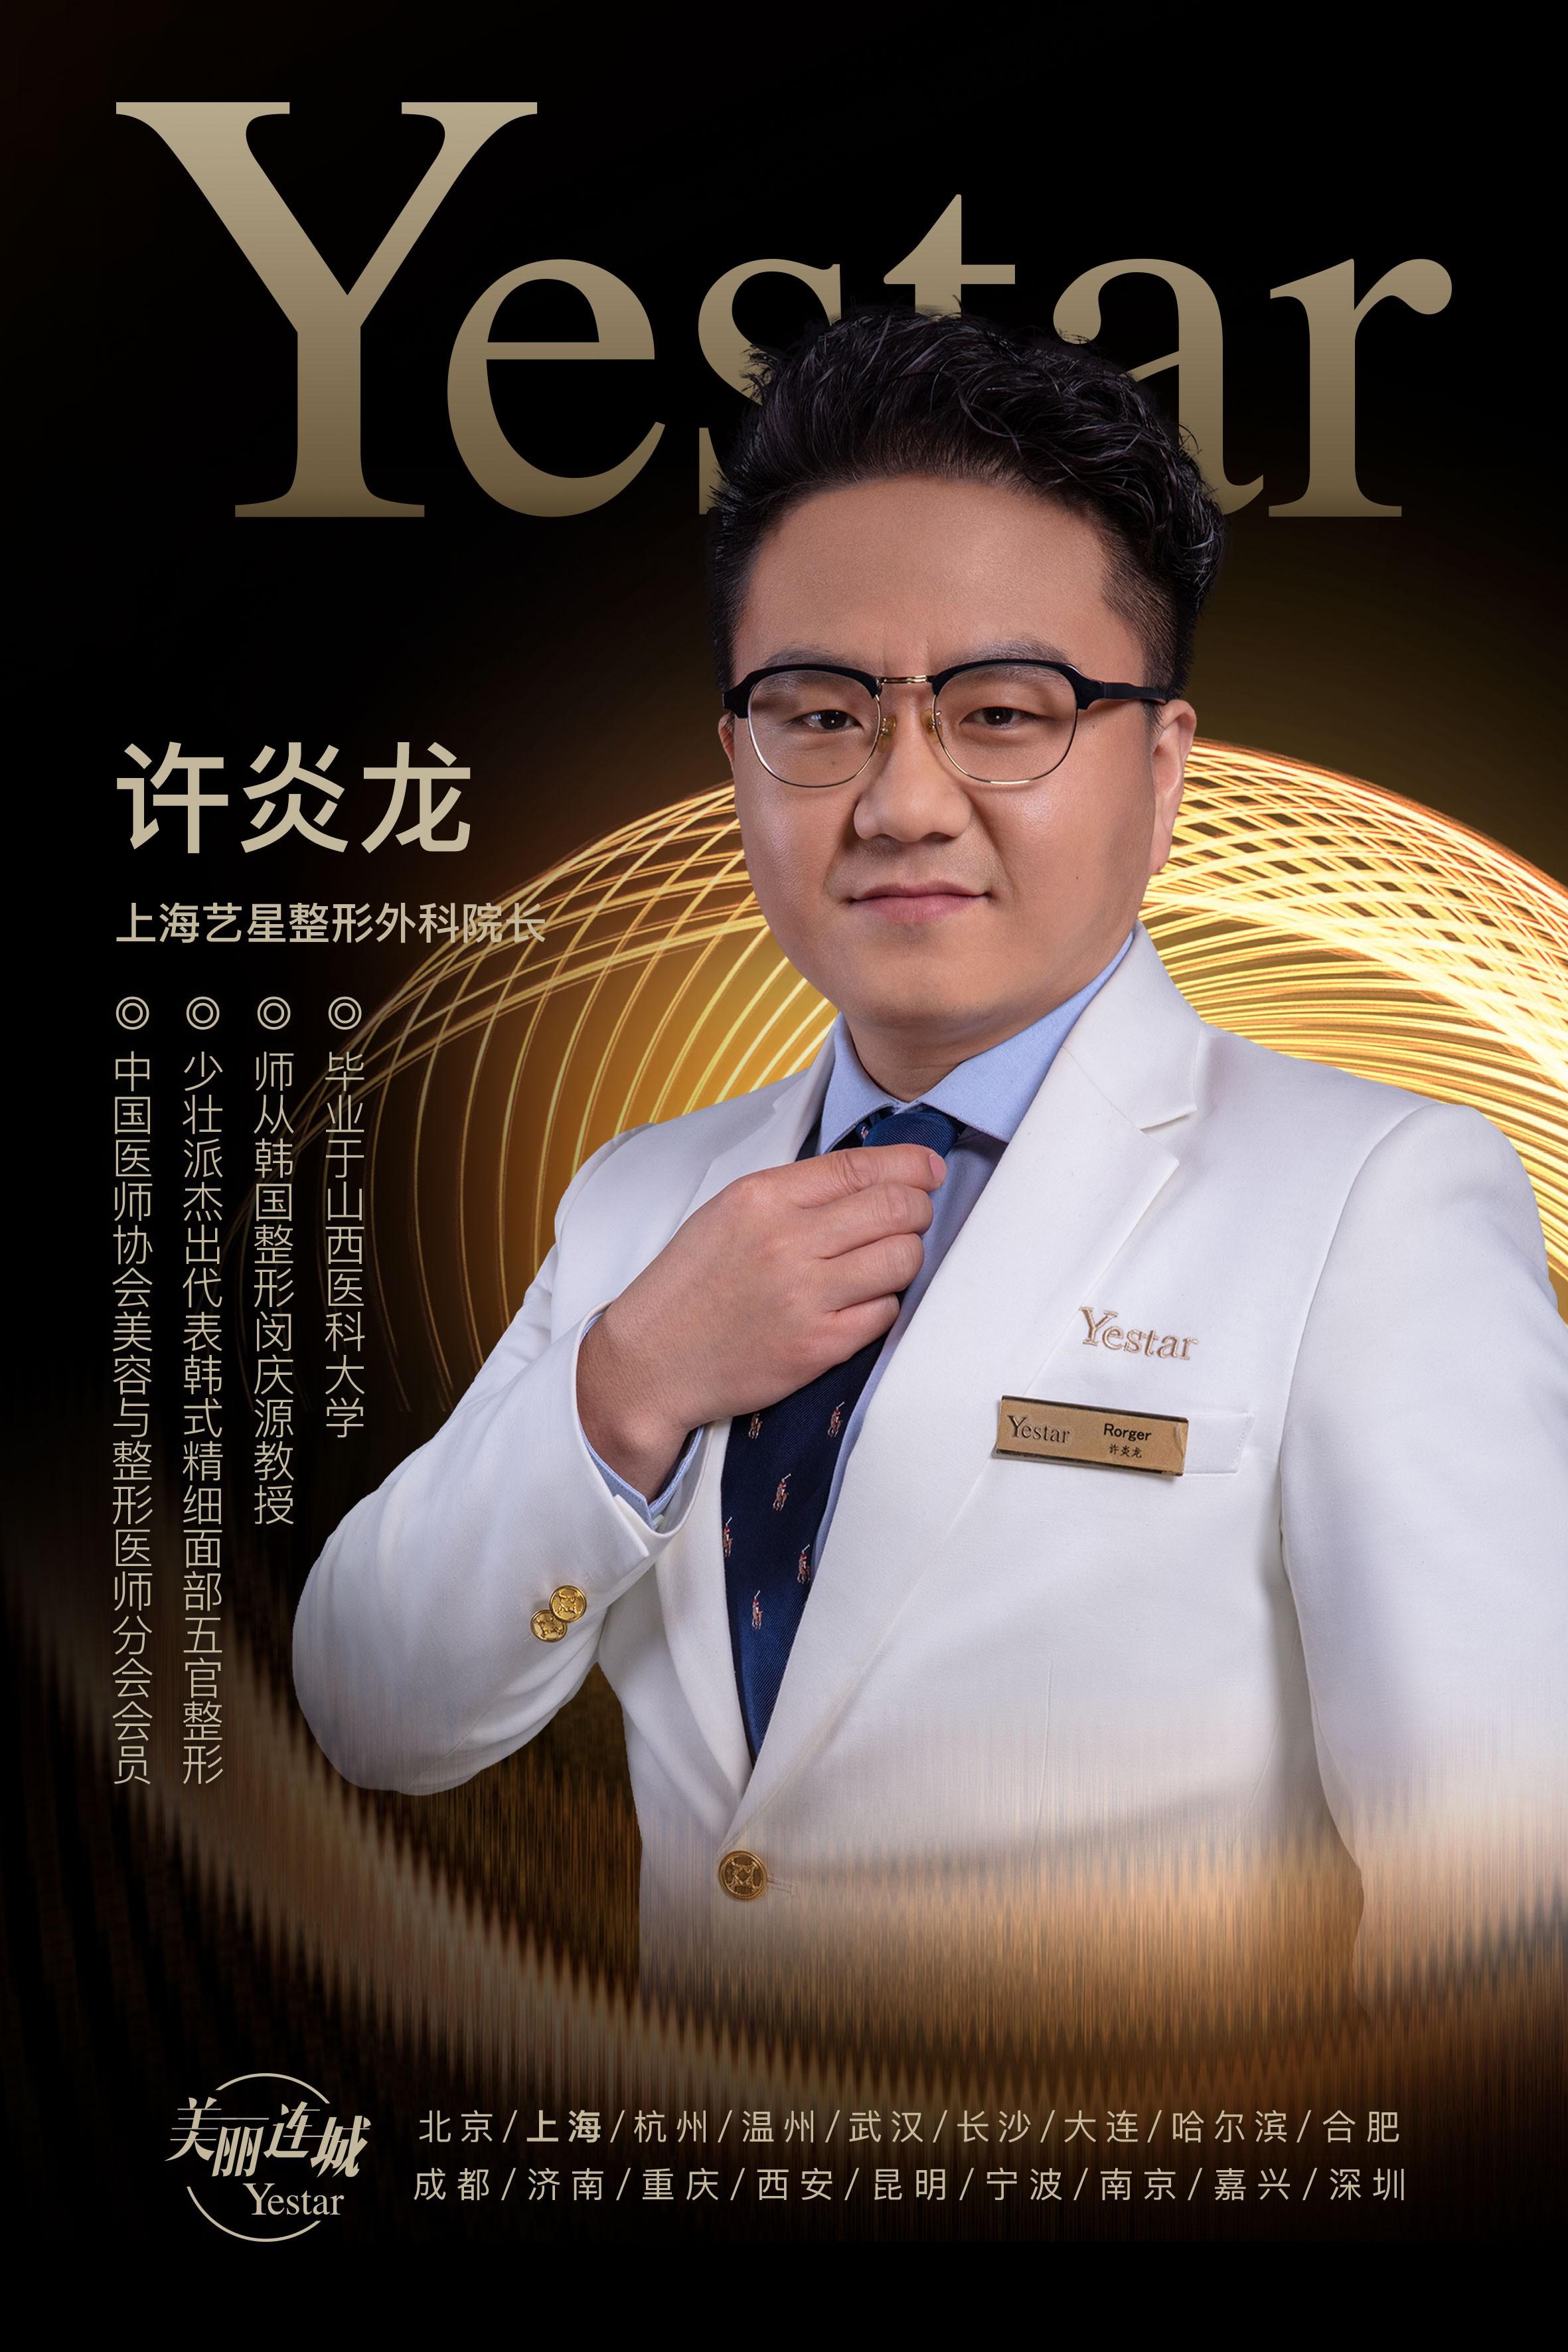 上海艺星许炎龙医生人物志 隆鼻双子星 倾听求美者的心声